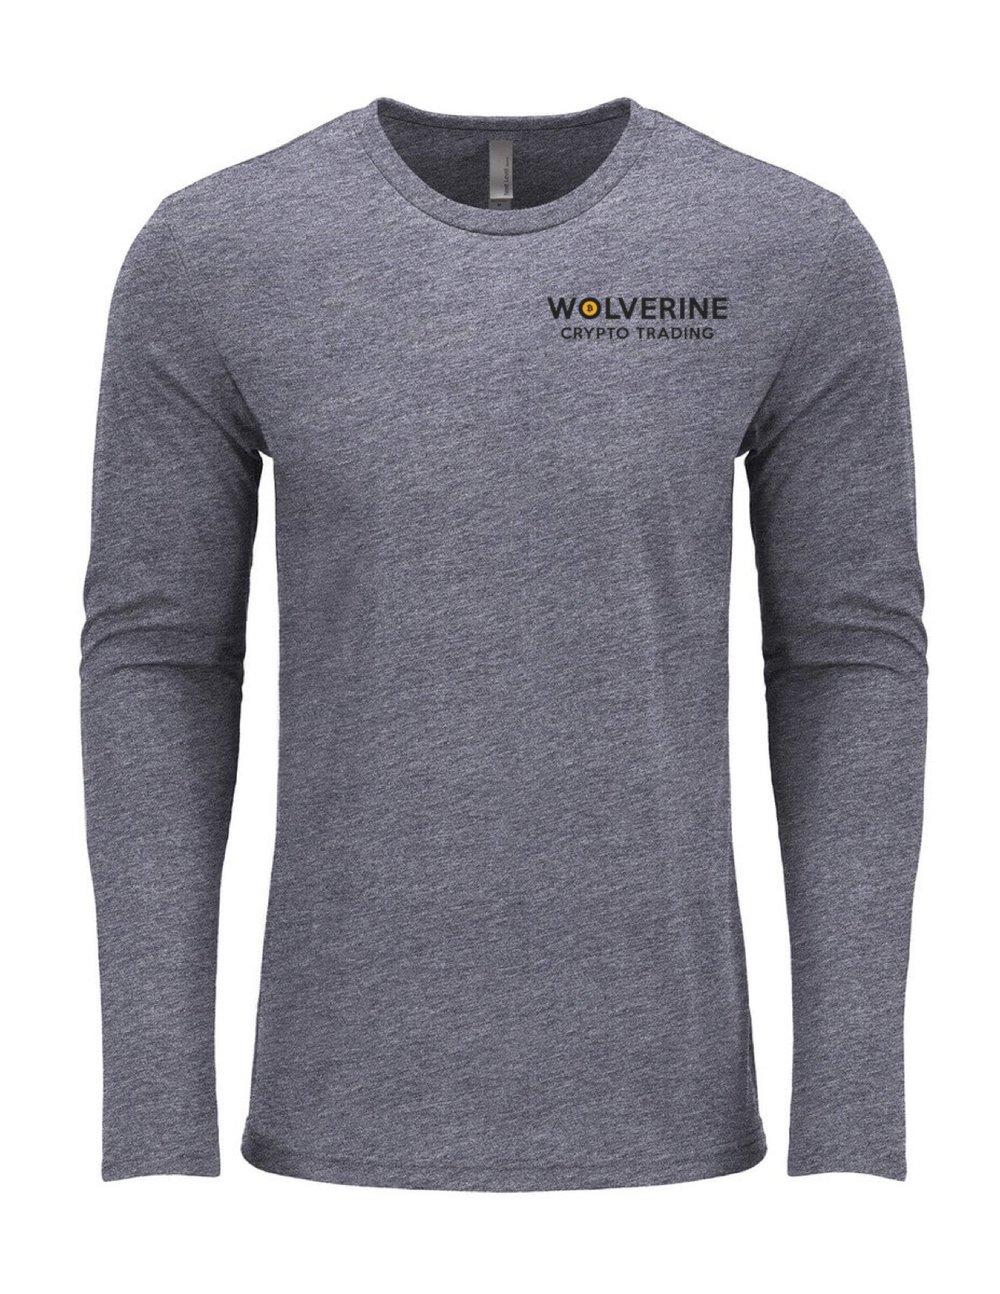 WCT shirt.jpg